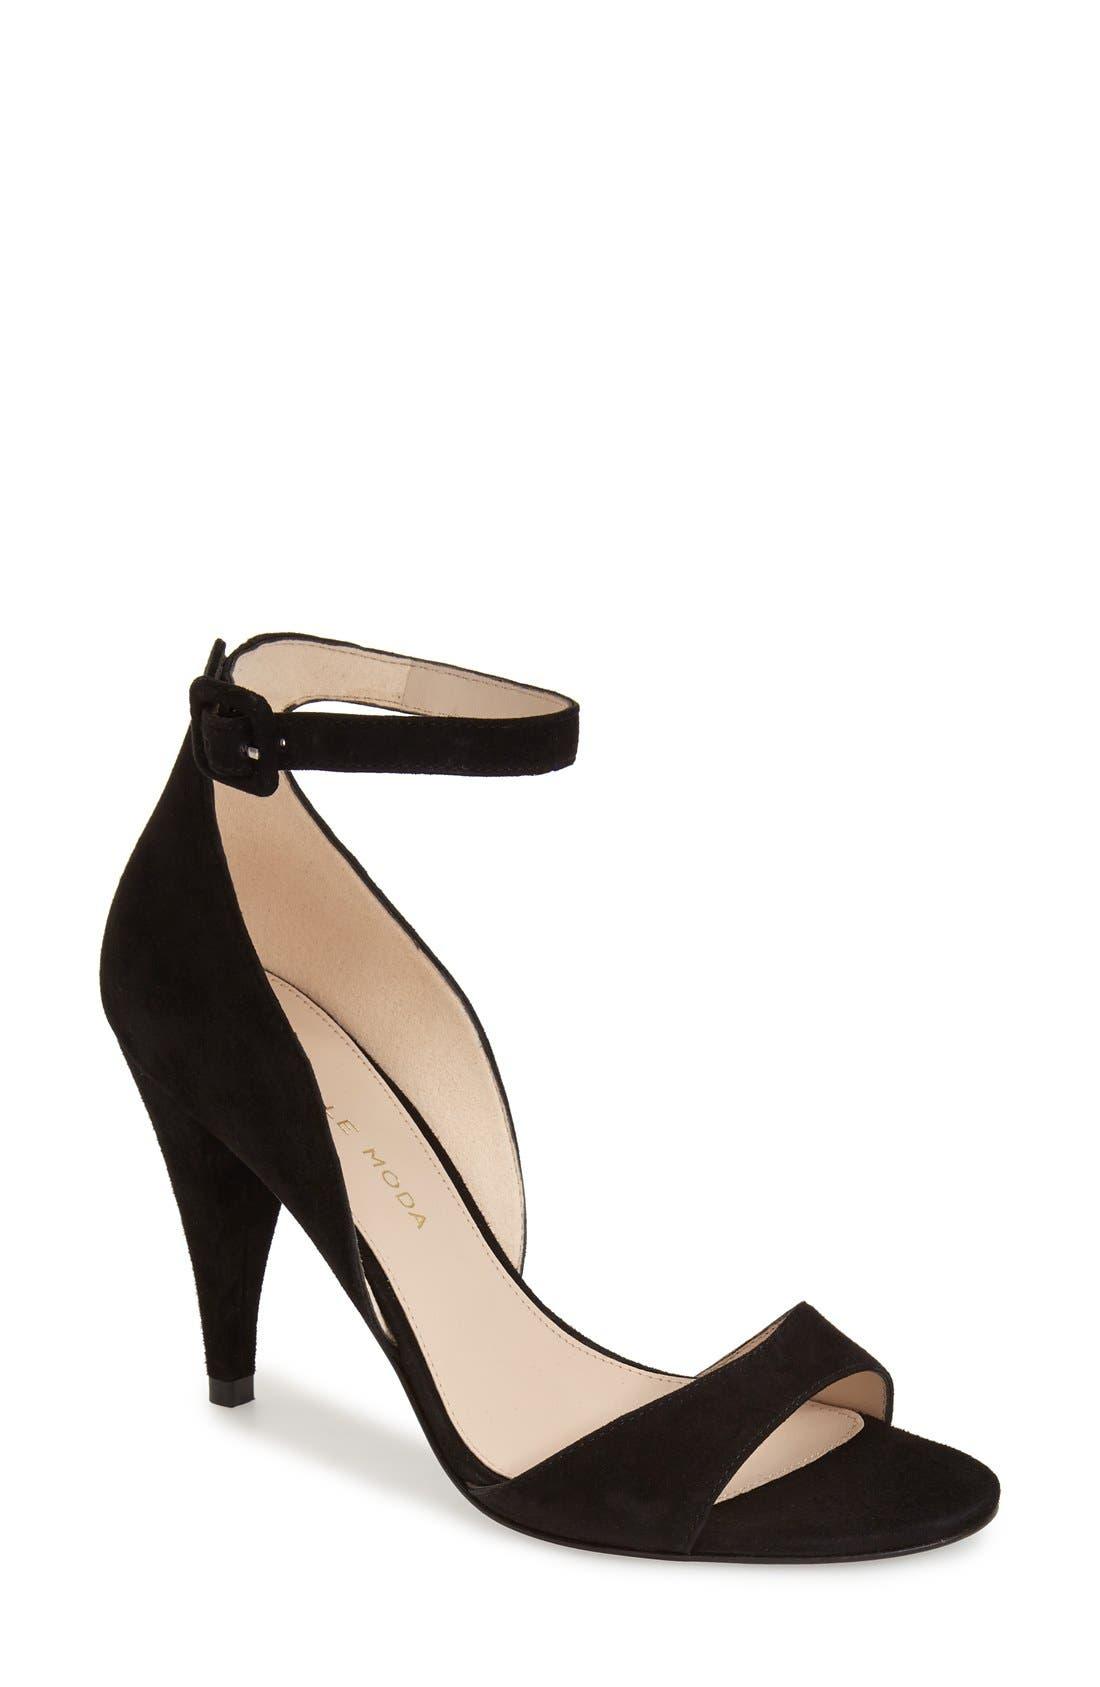 Alternate Image 1 Selected - Pelle Moda'Foster' Ankle Strap Sandal (Women)